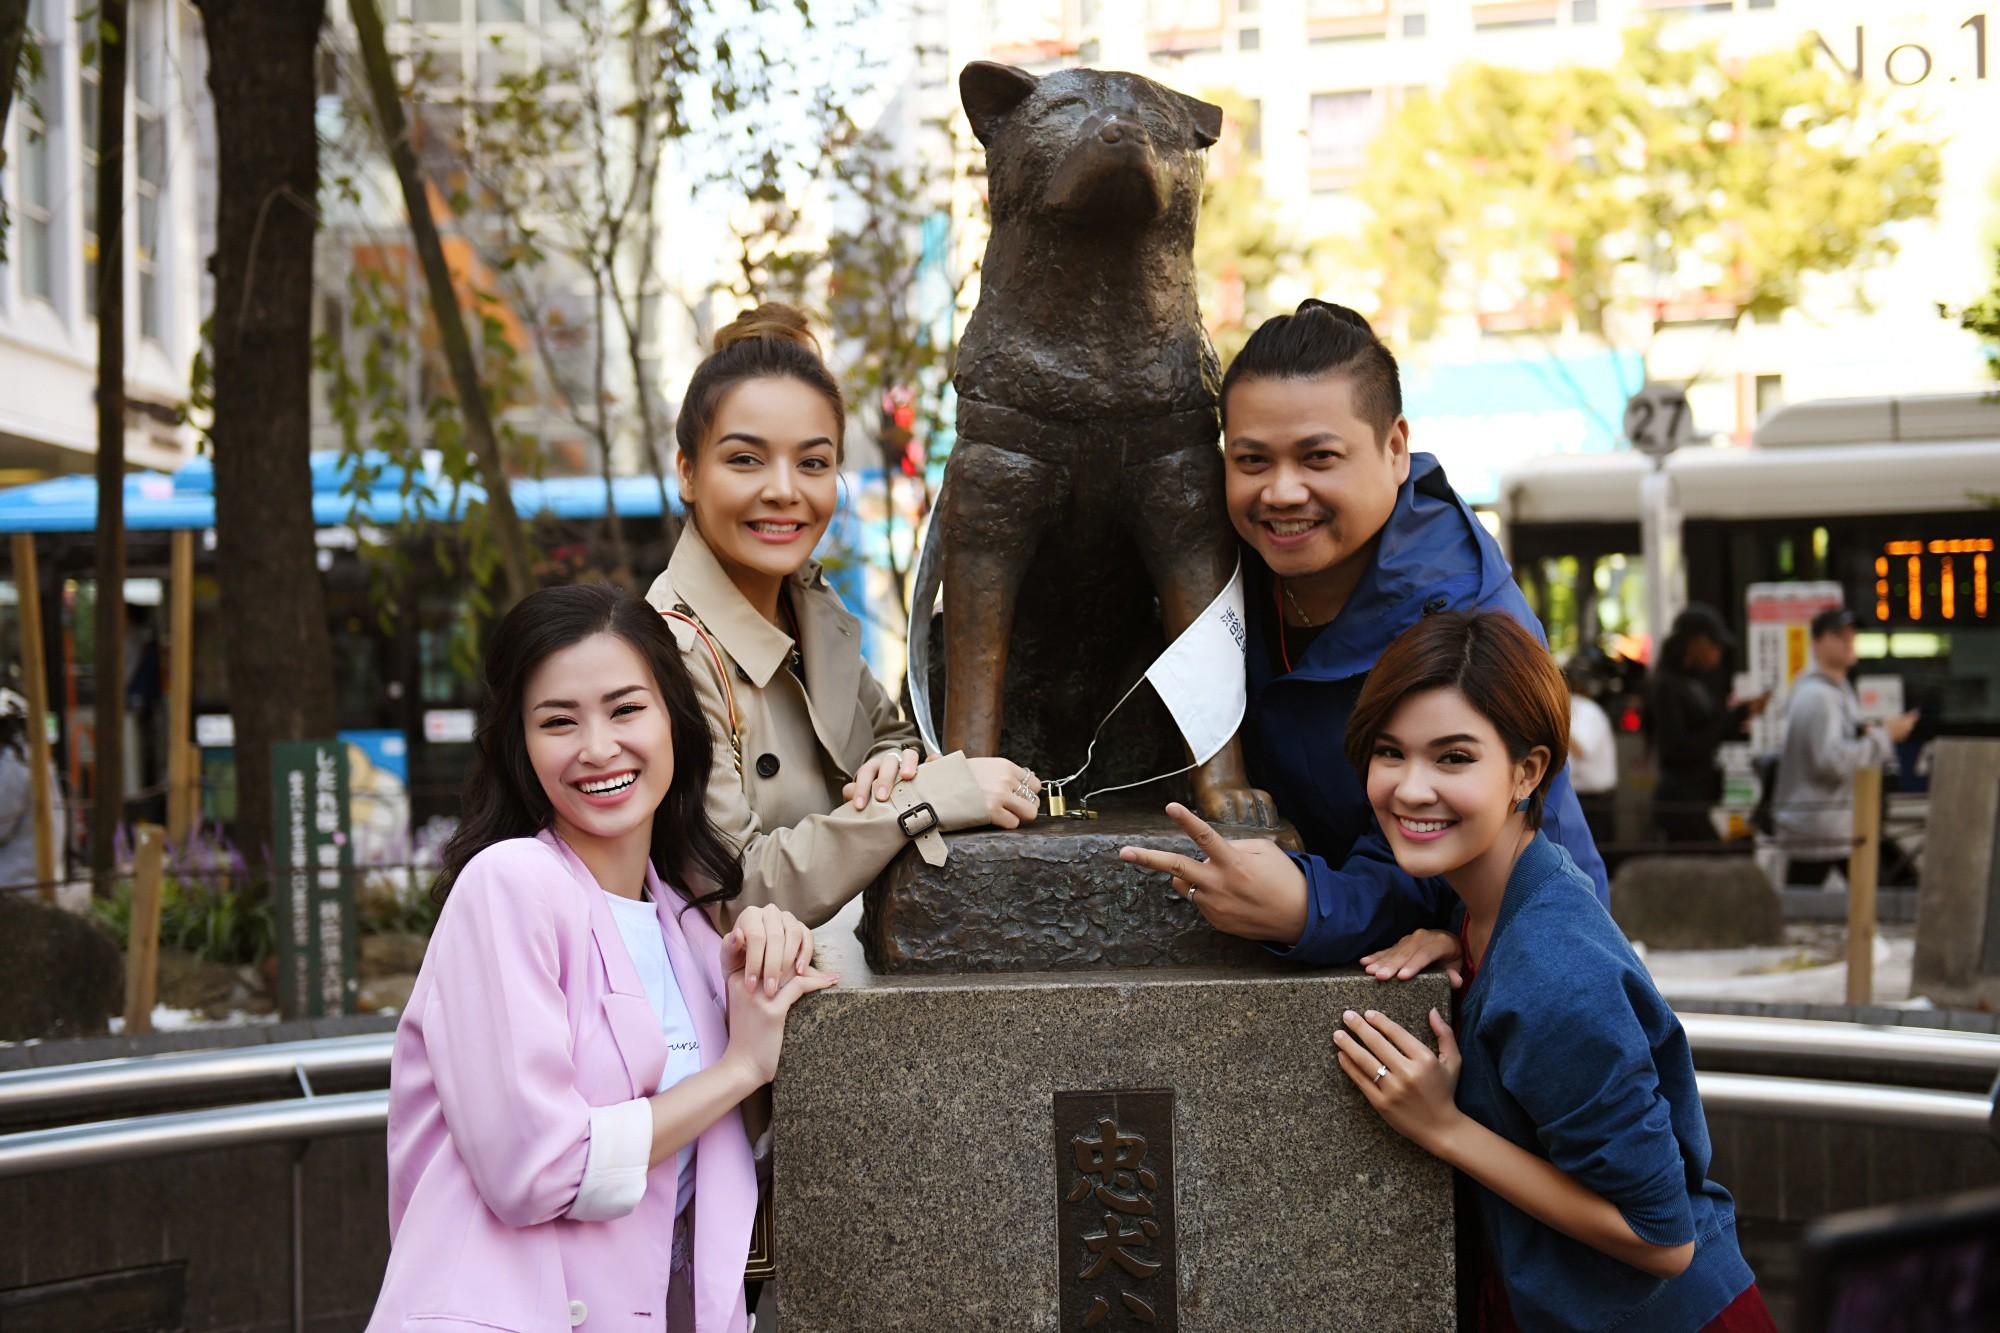 Đông Nhi hào hứng học làm sushi, cùng nghệ sĩ các nước ASEAN khám phá Nhật Bản - Ảnh 1.